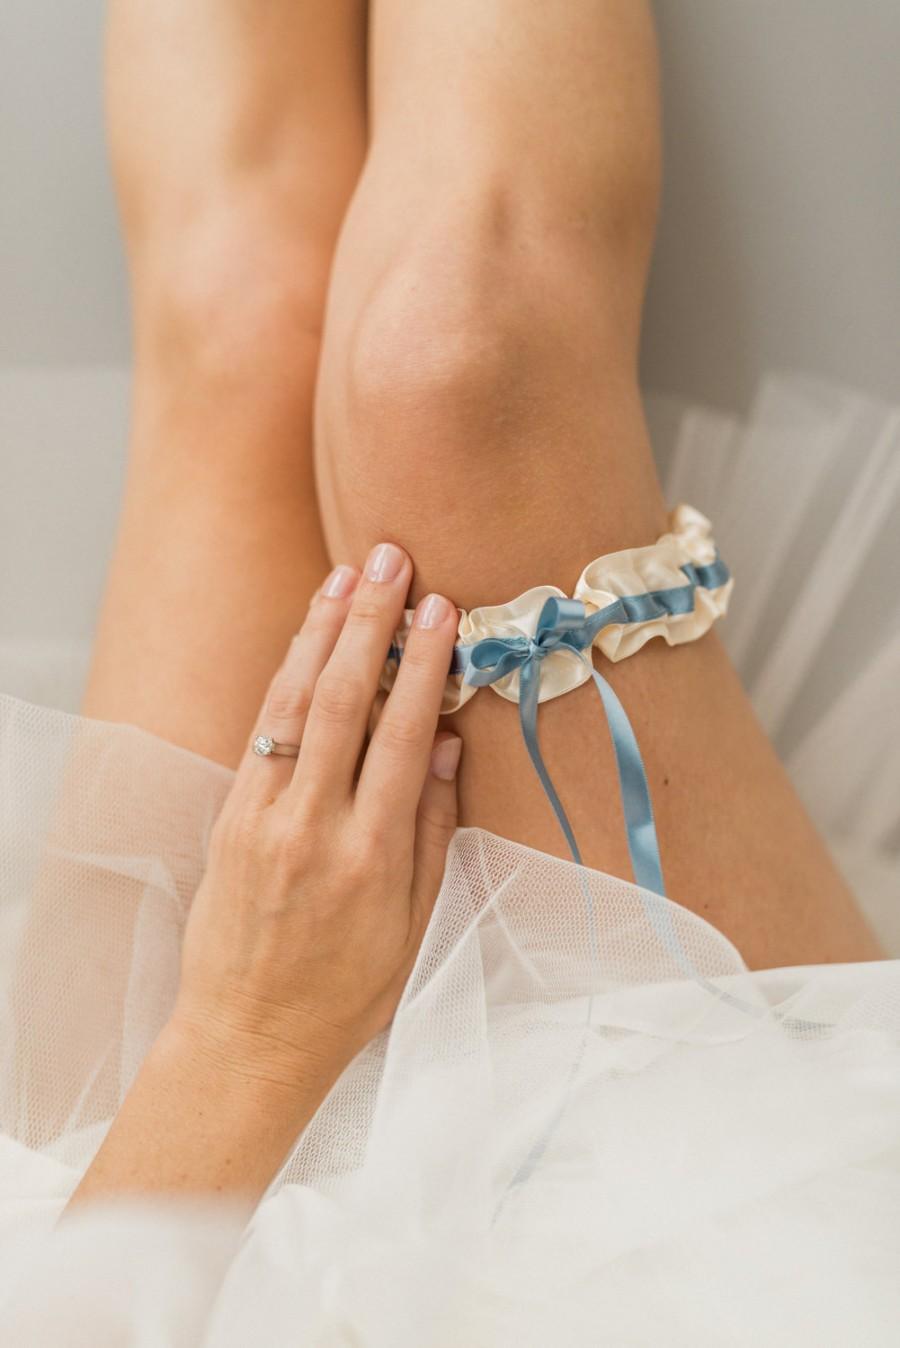 Mariage - Garter, Wedding Garter, Bridal Garter, Blue Garter, Blue Wedding Garter, Blue Bridal Garter, Something Blue - Stylish Garter by Garter Girl